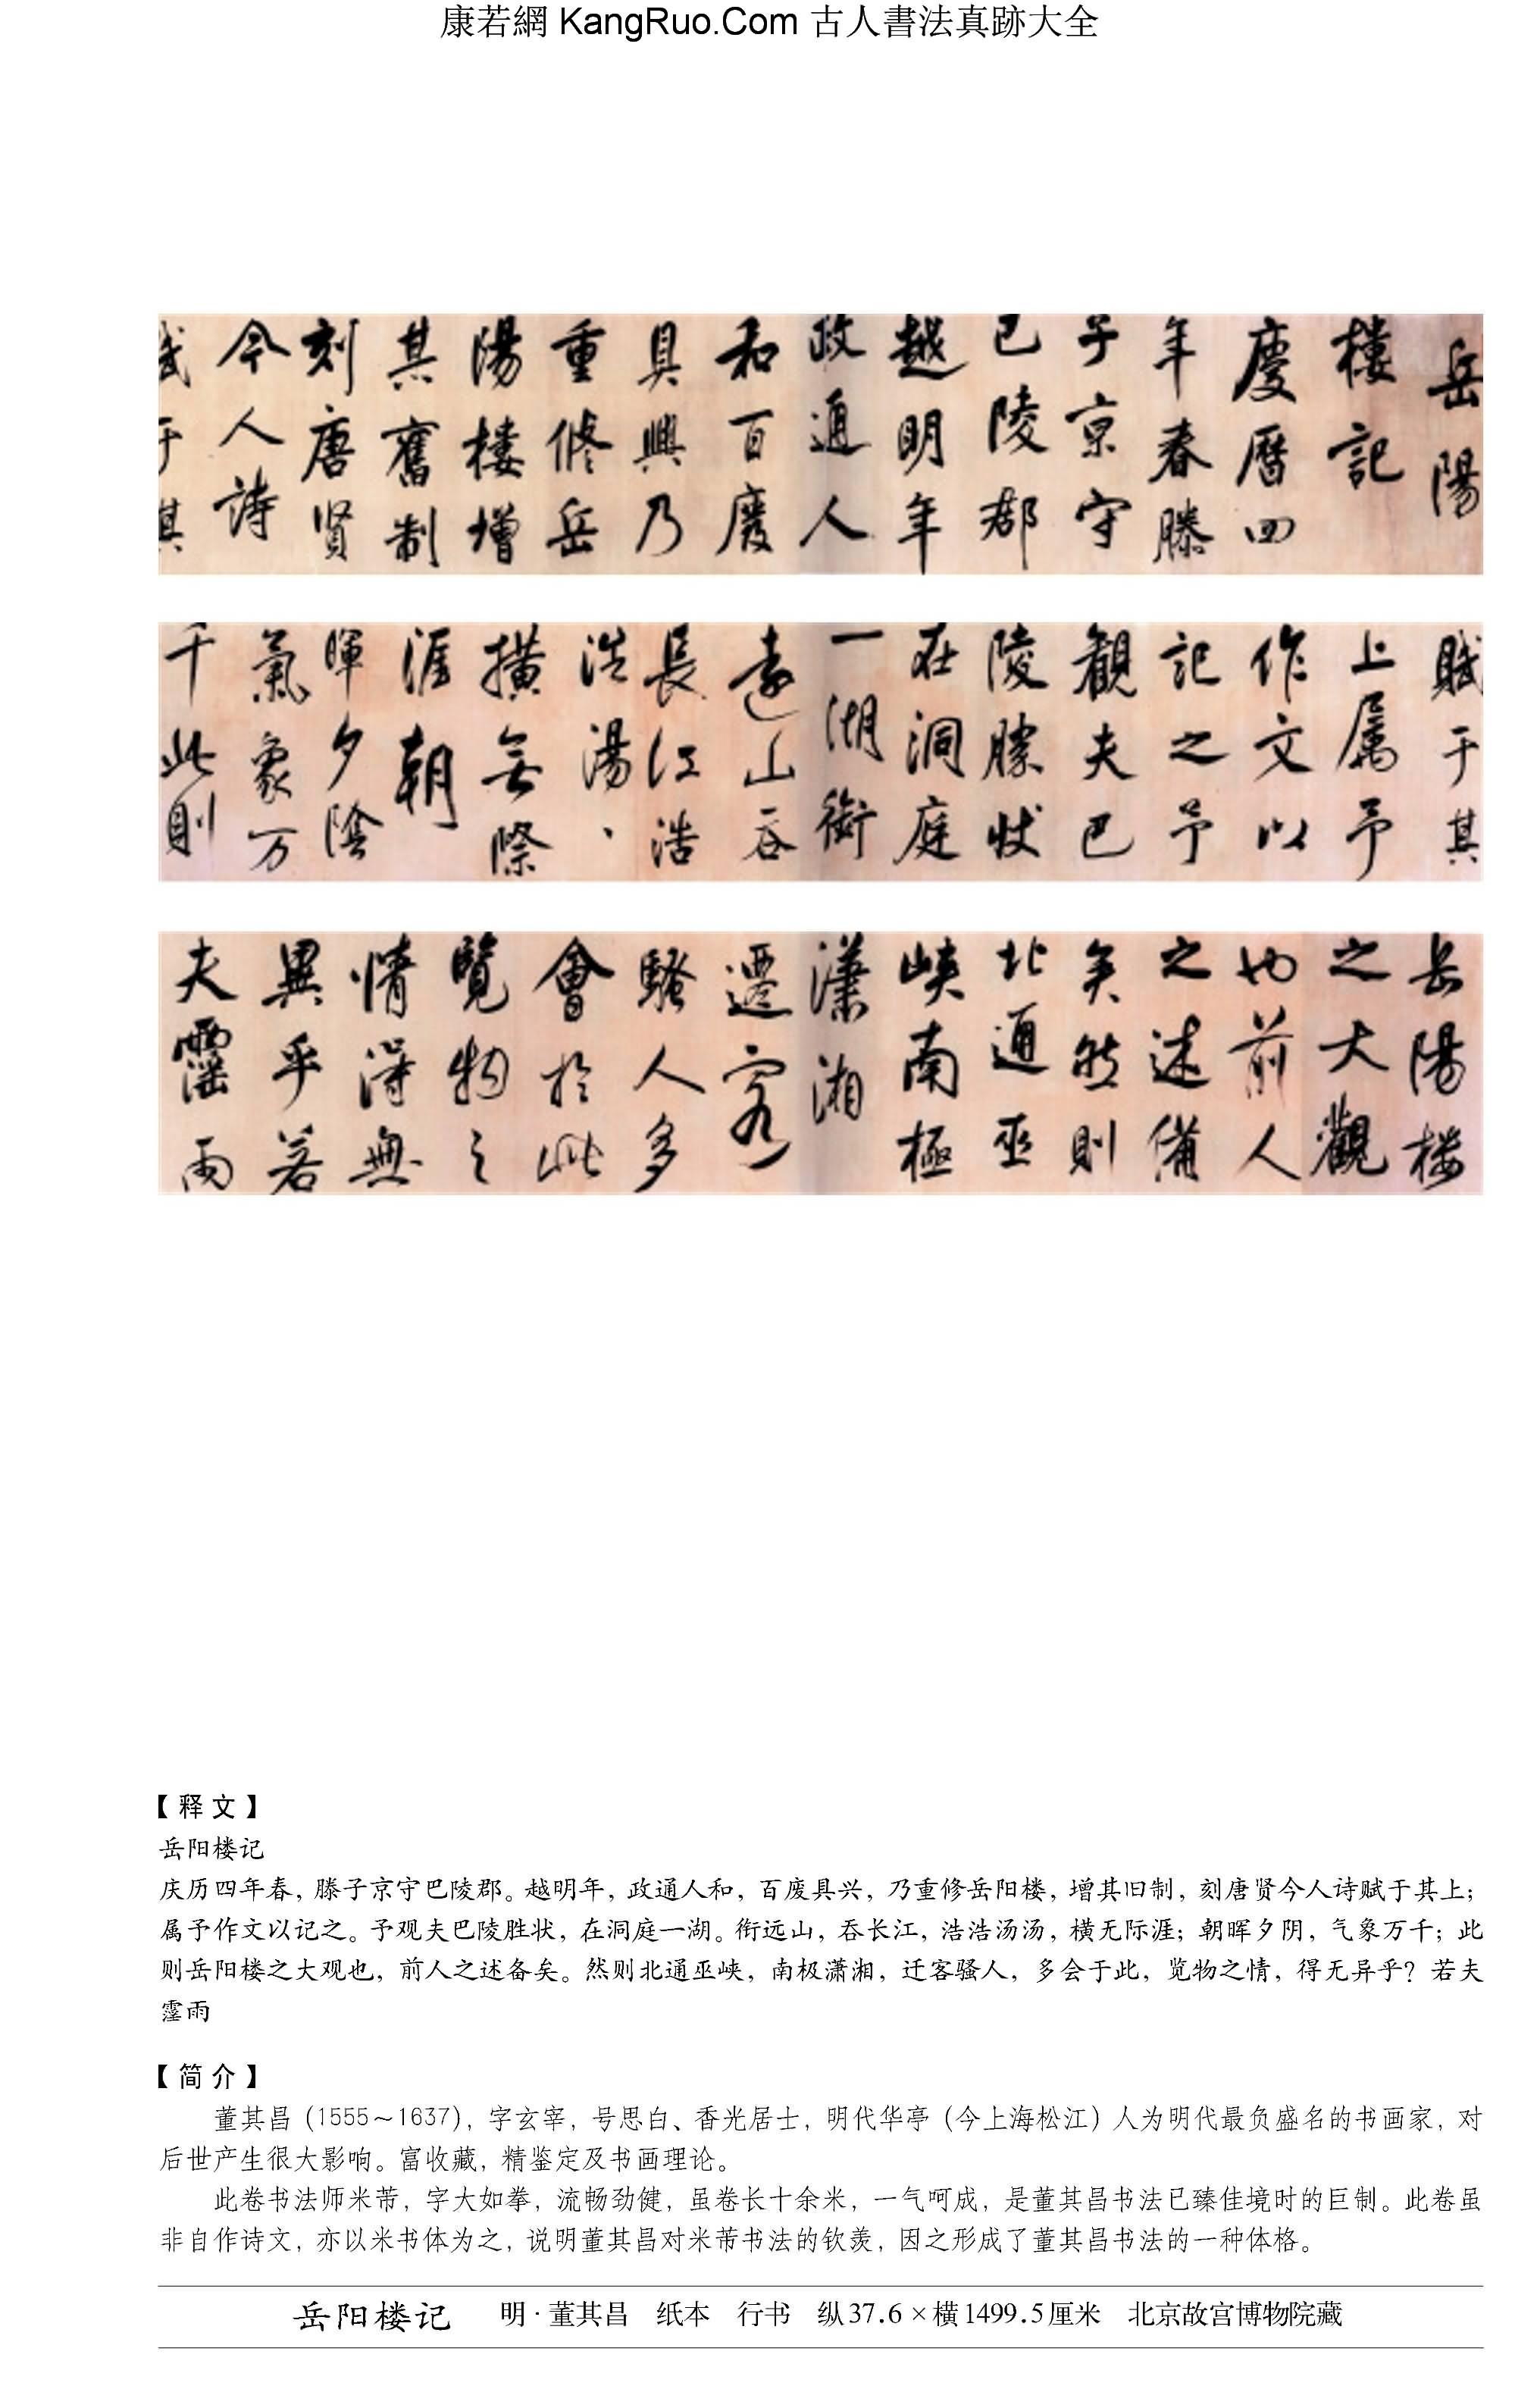 《岳陽樓記》書法真跡(行書)【明朝·董其昌】_00199